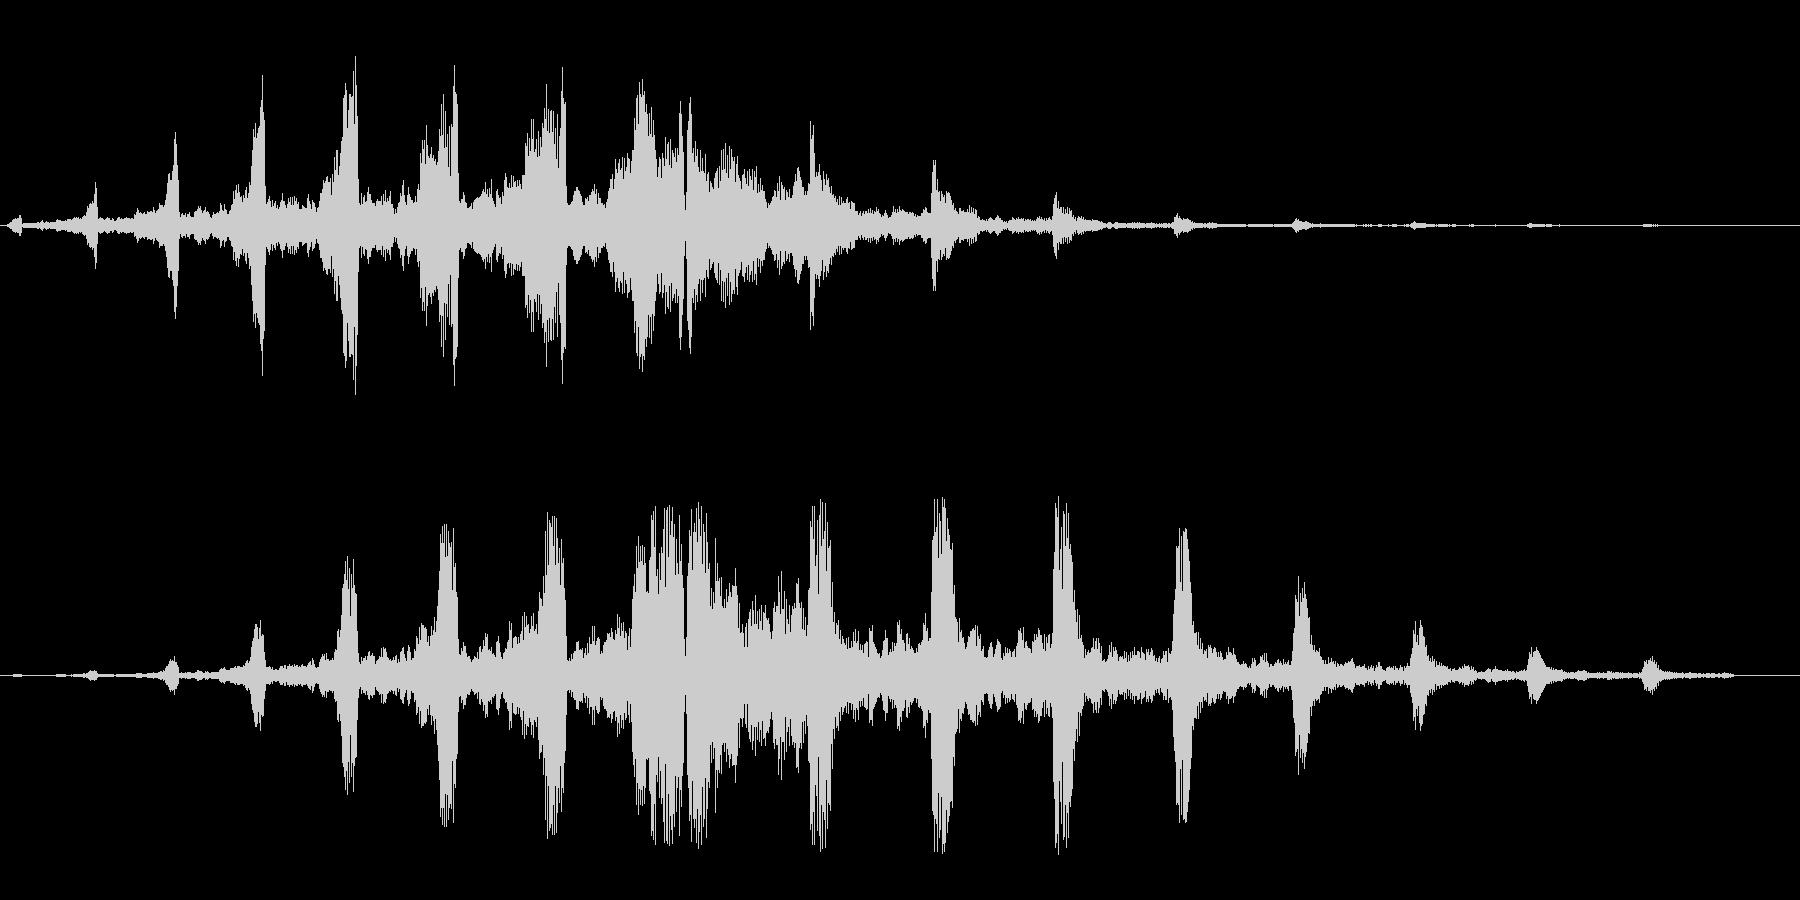 キキキ(回転系の音)の未再生の波形